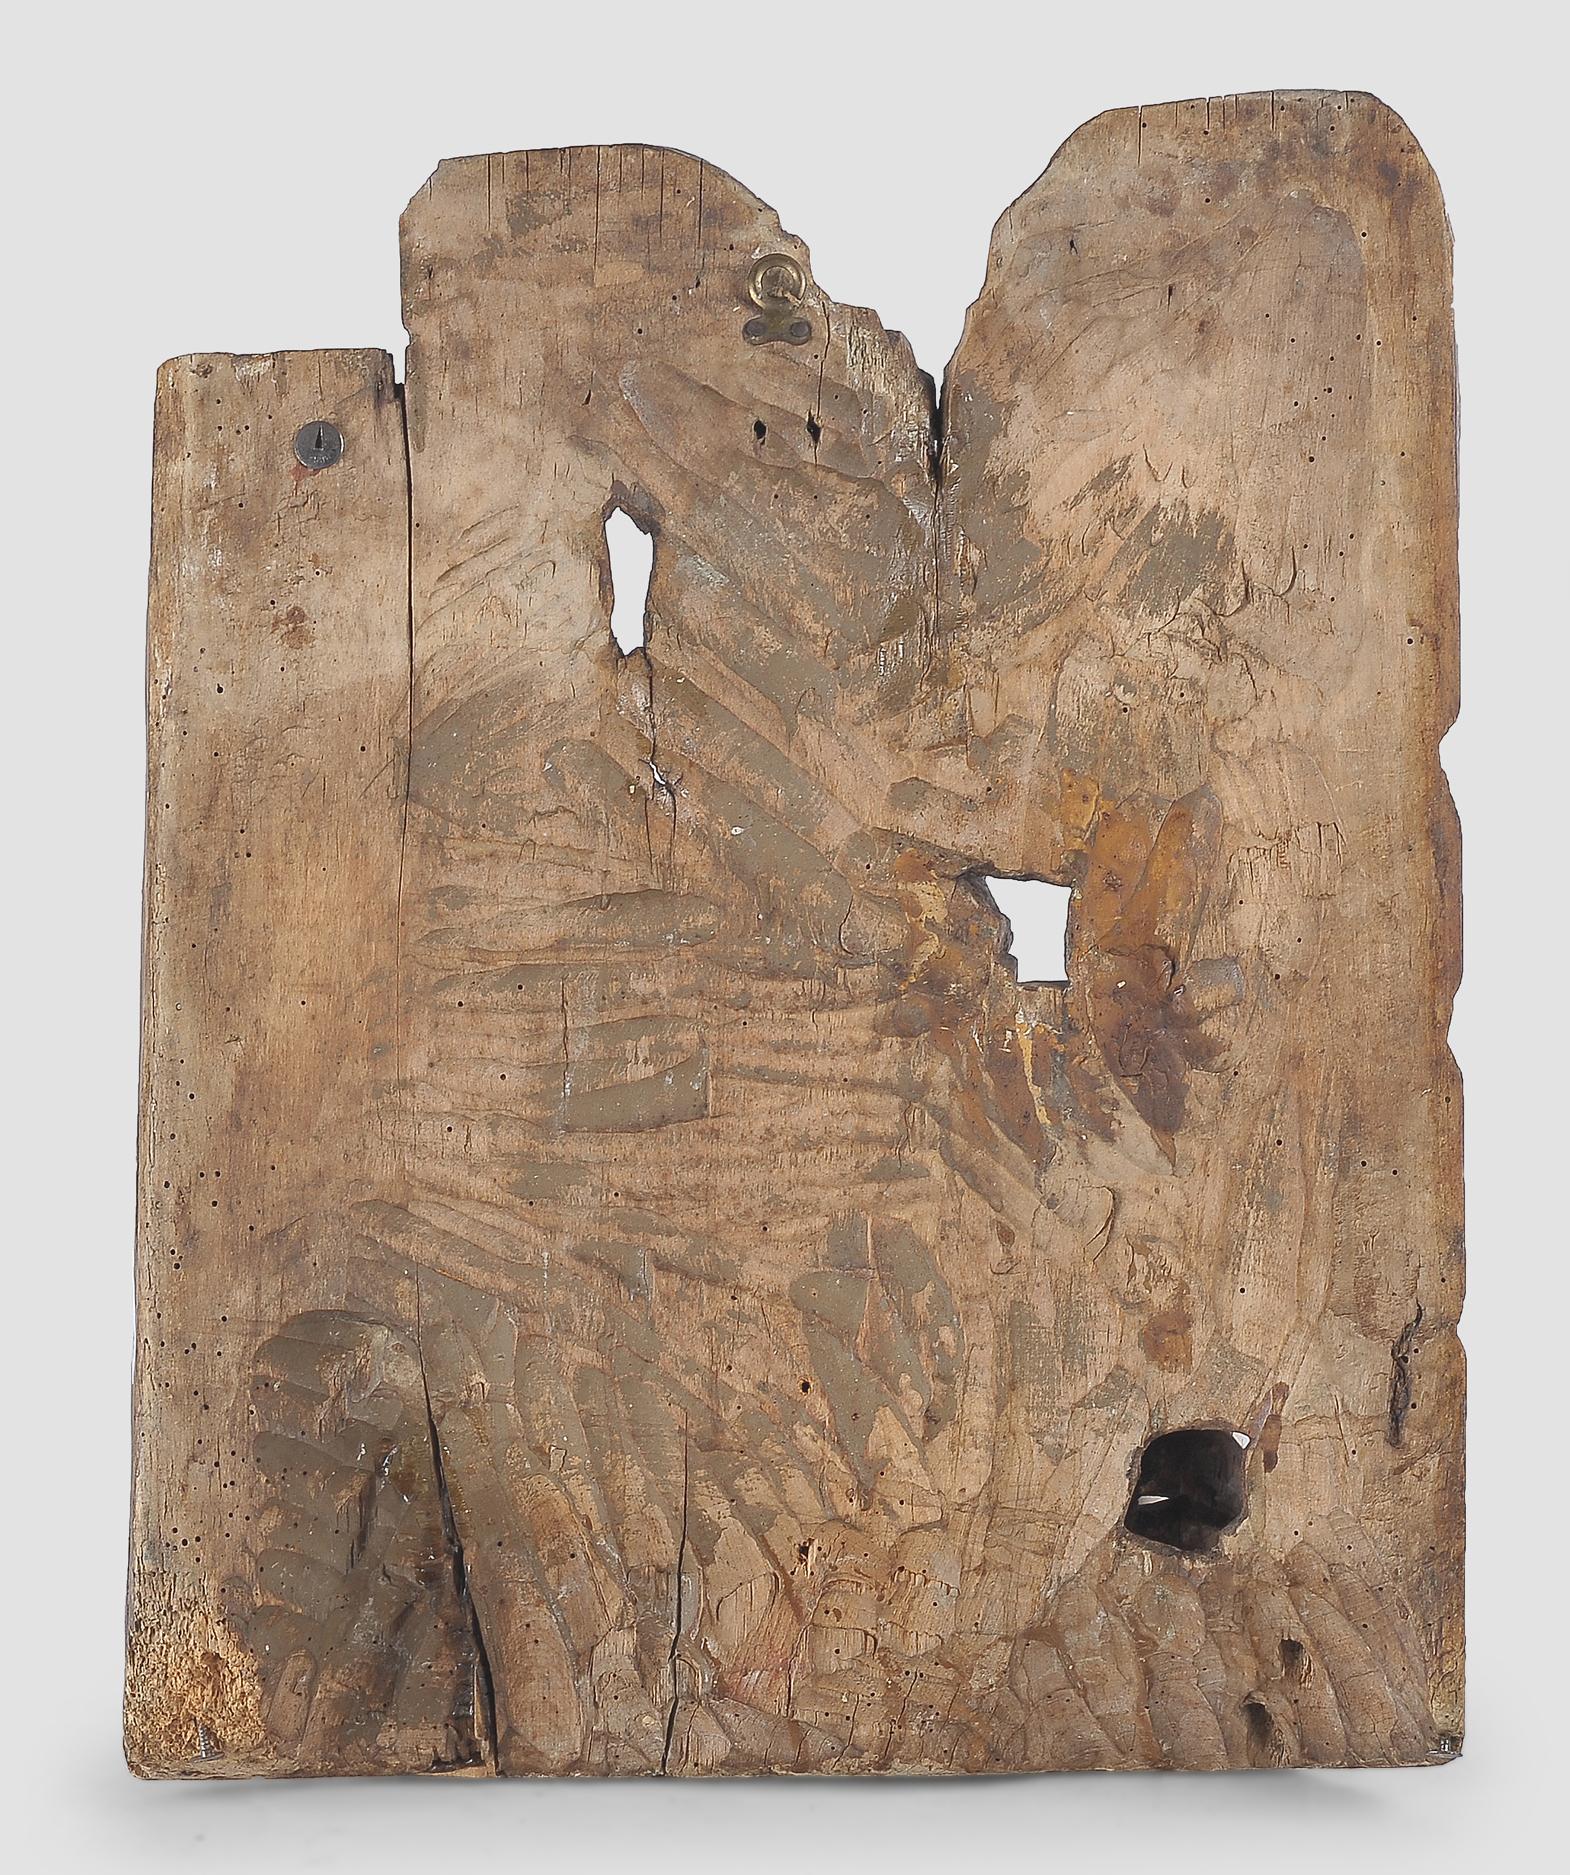 Meisterliches Relief, Heiliger Georg, Süddeutsch um 1500 - Image 4 of 4